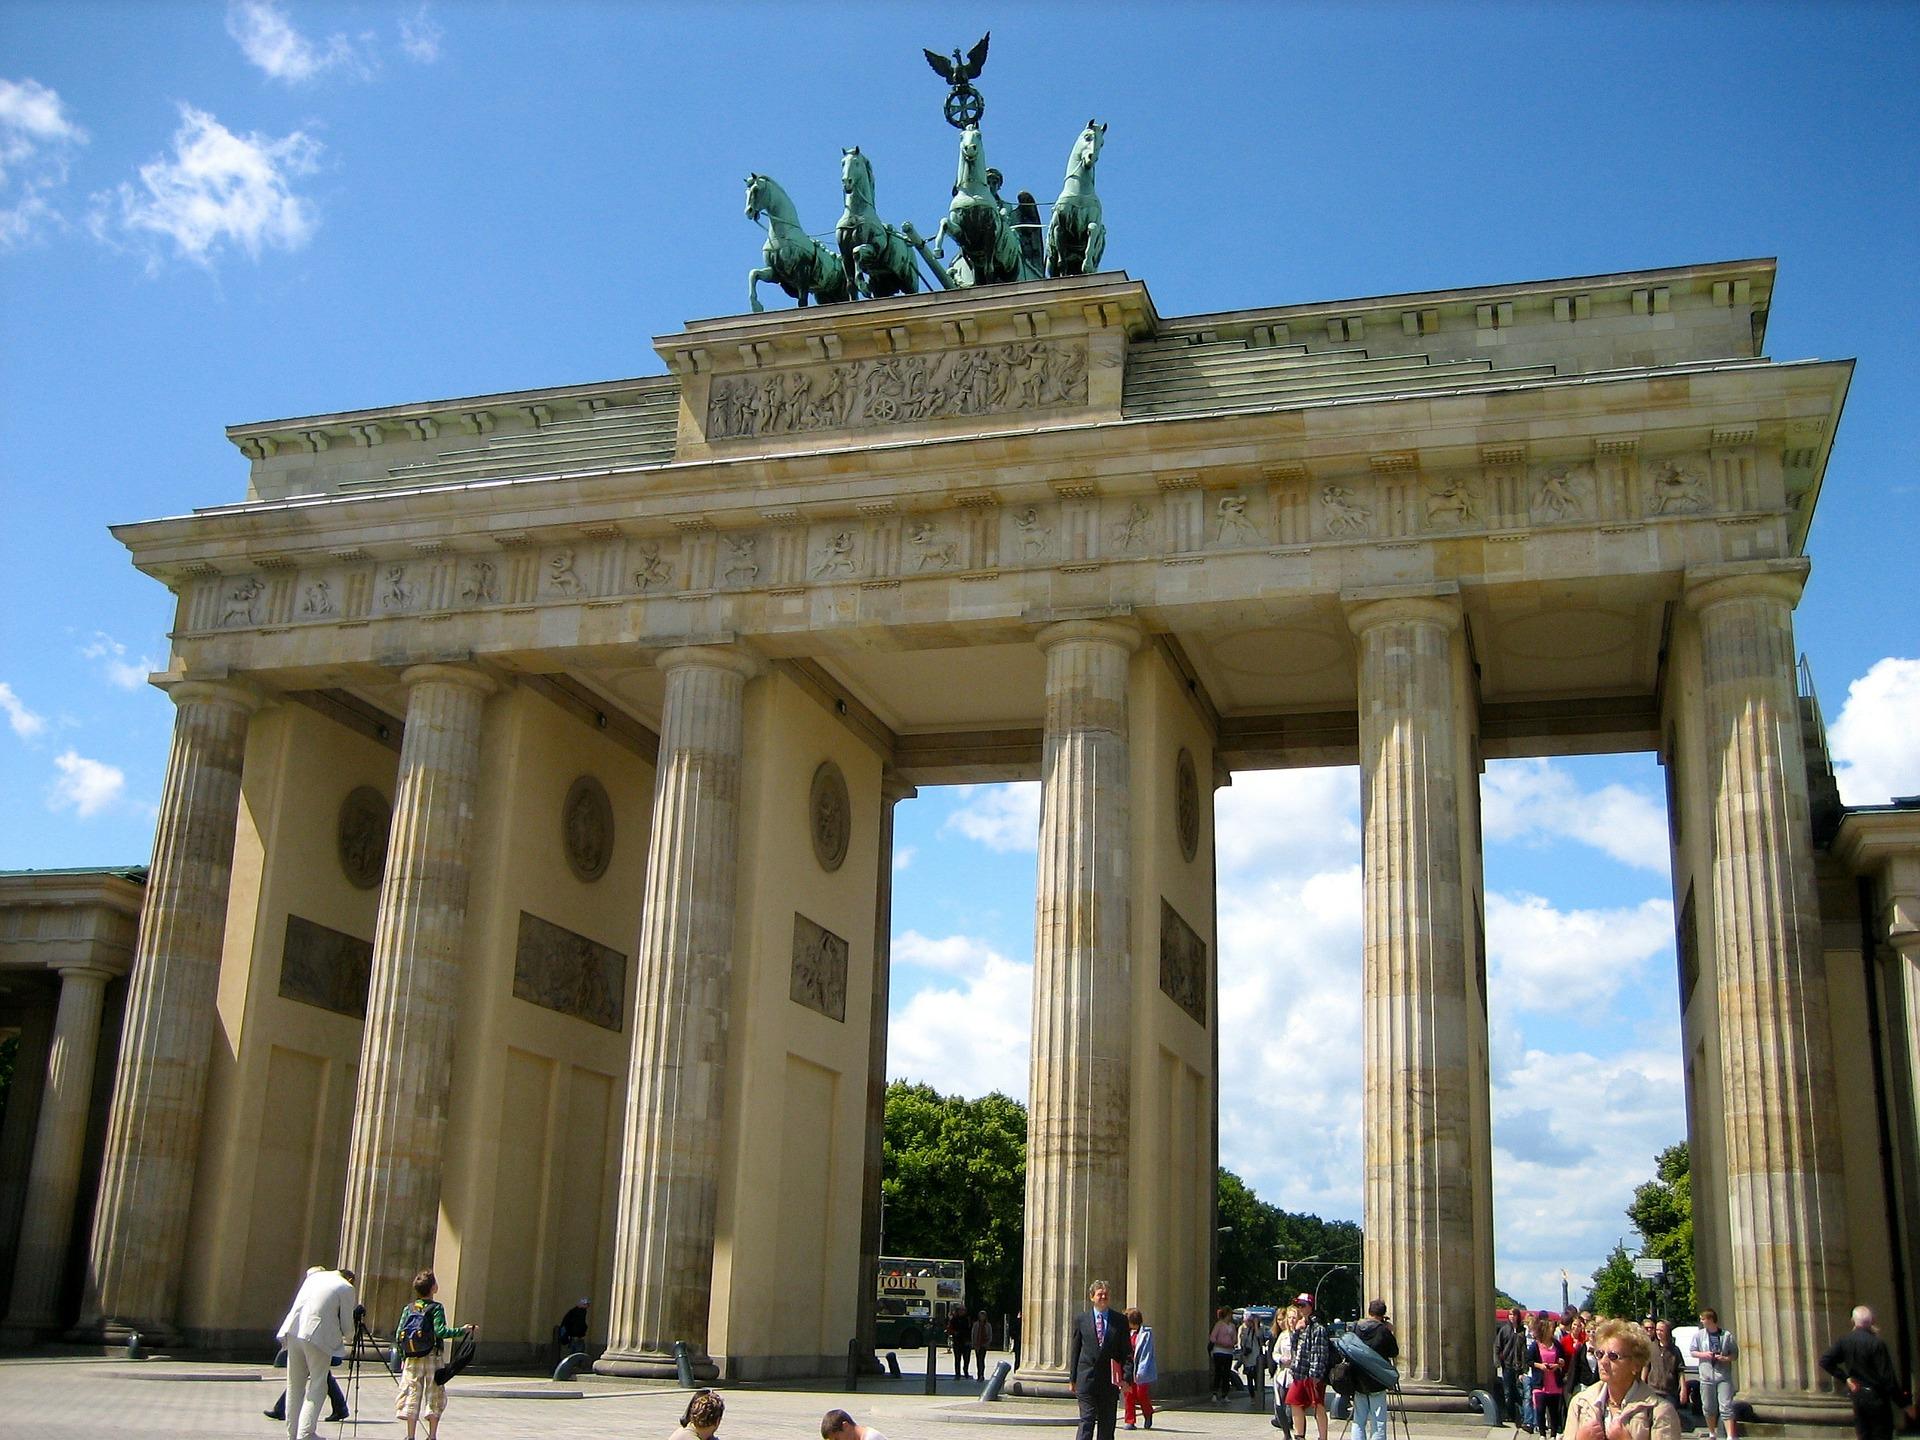 porta di brandeburgo storia